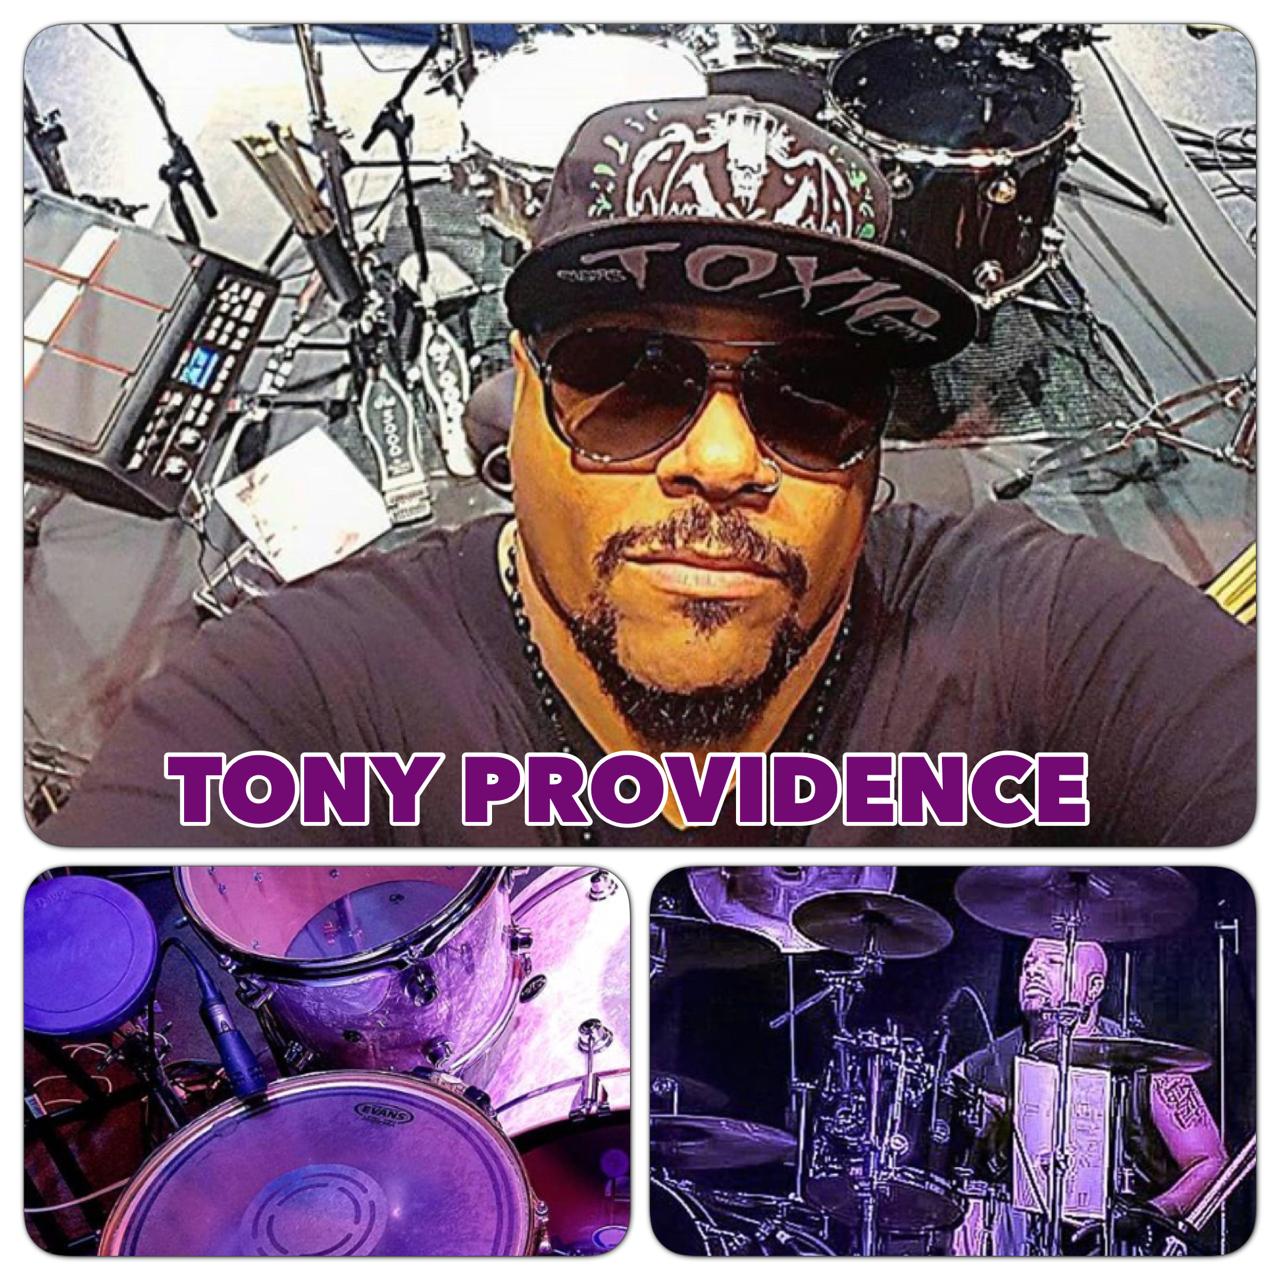 TONY PROVIDENCE